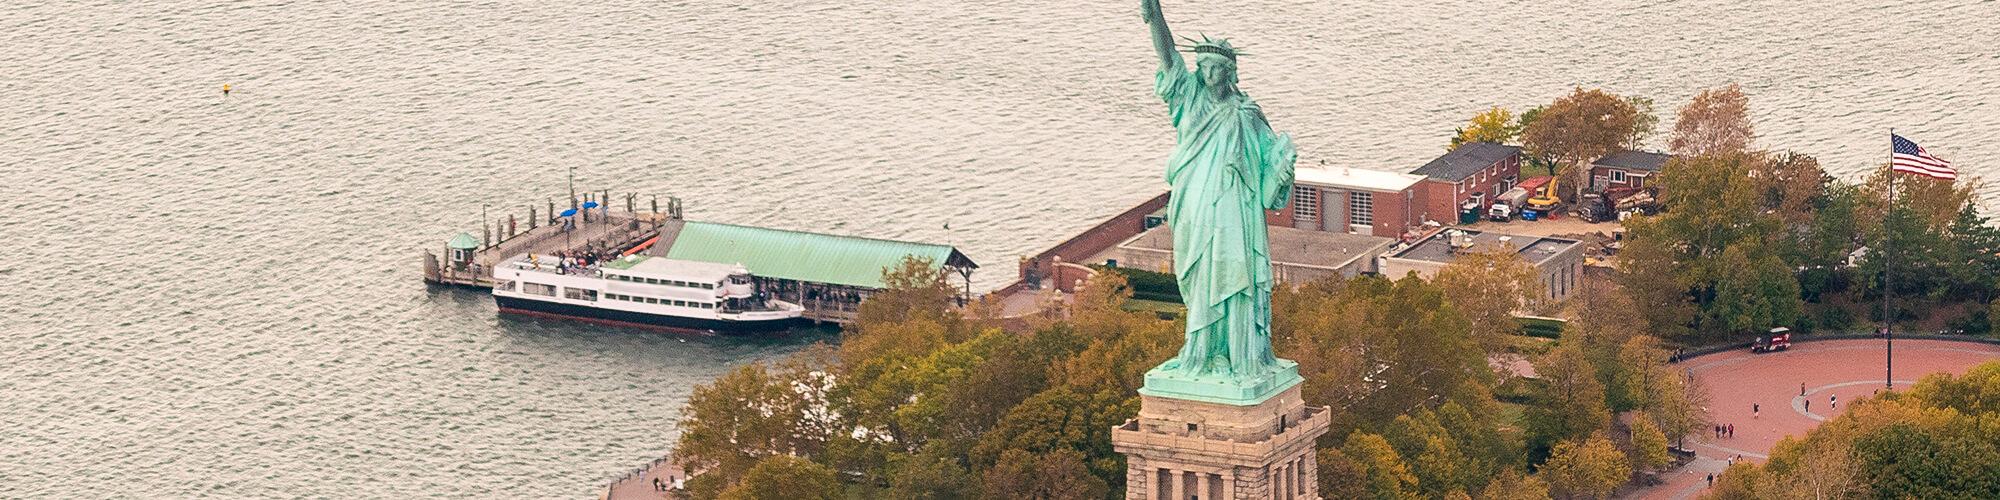 Ellis Island (National Parks Service)